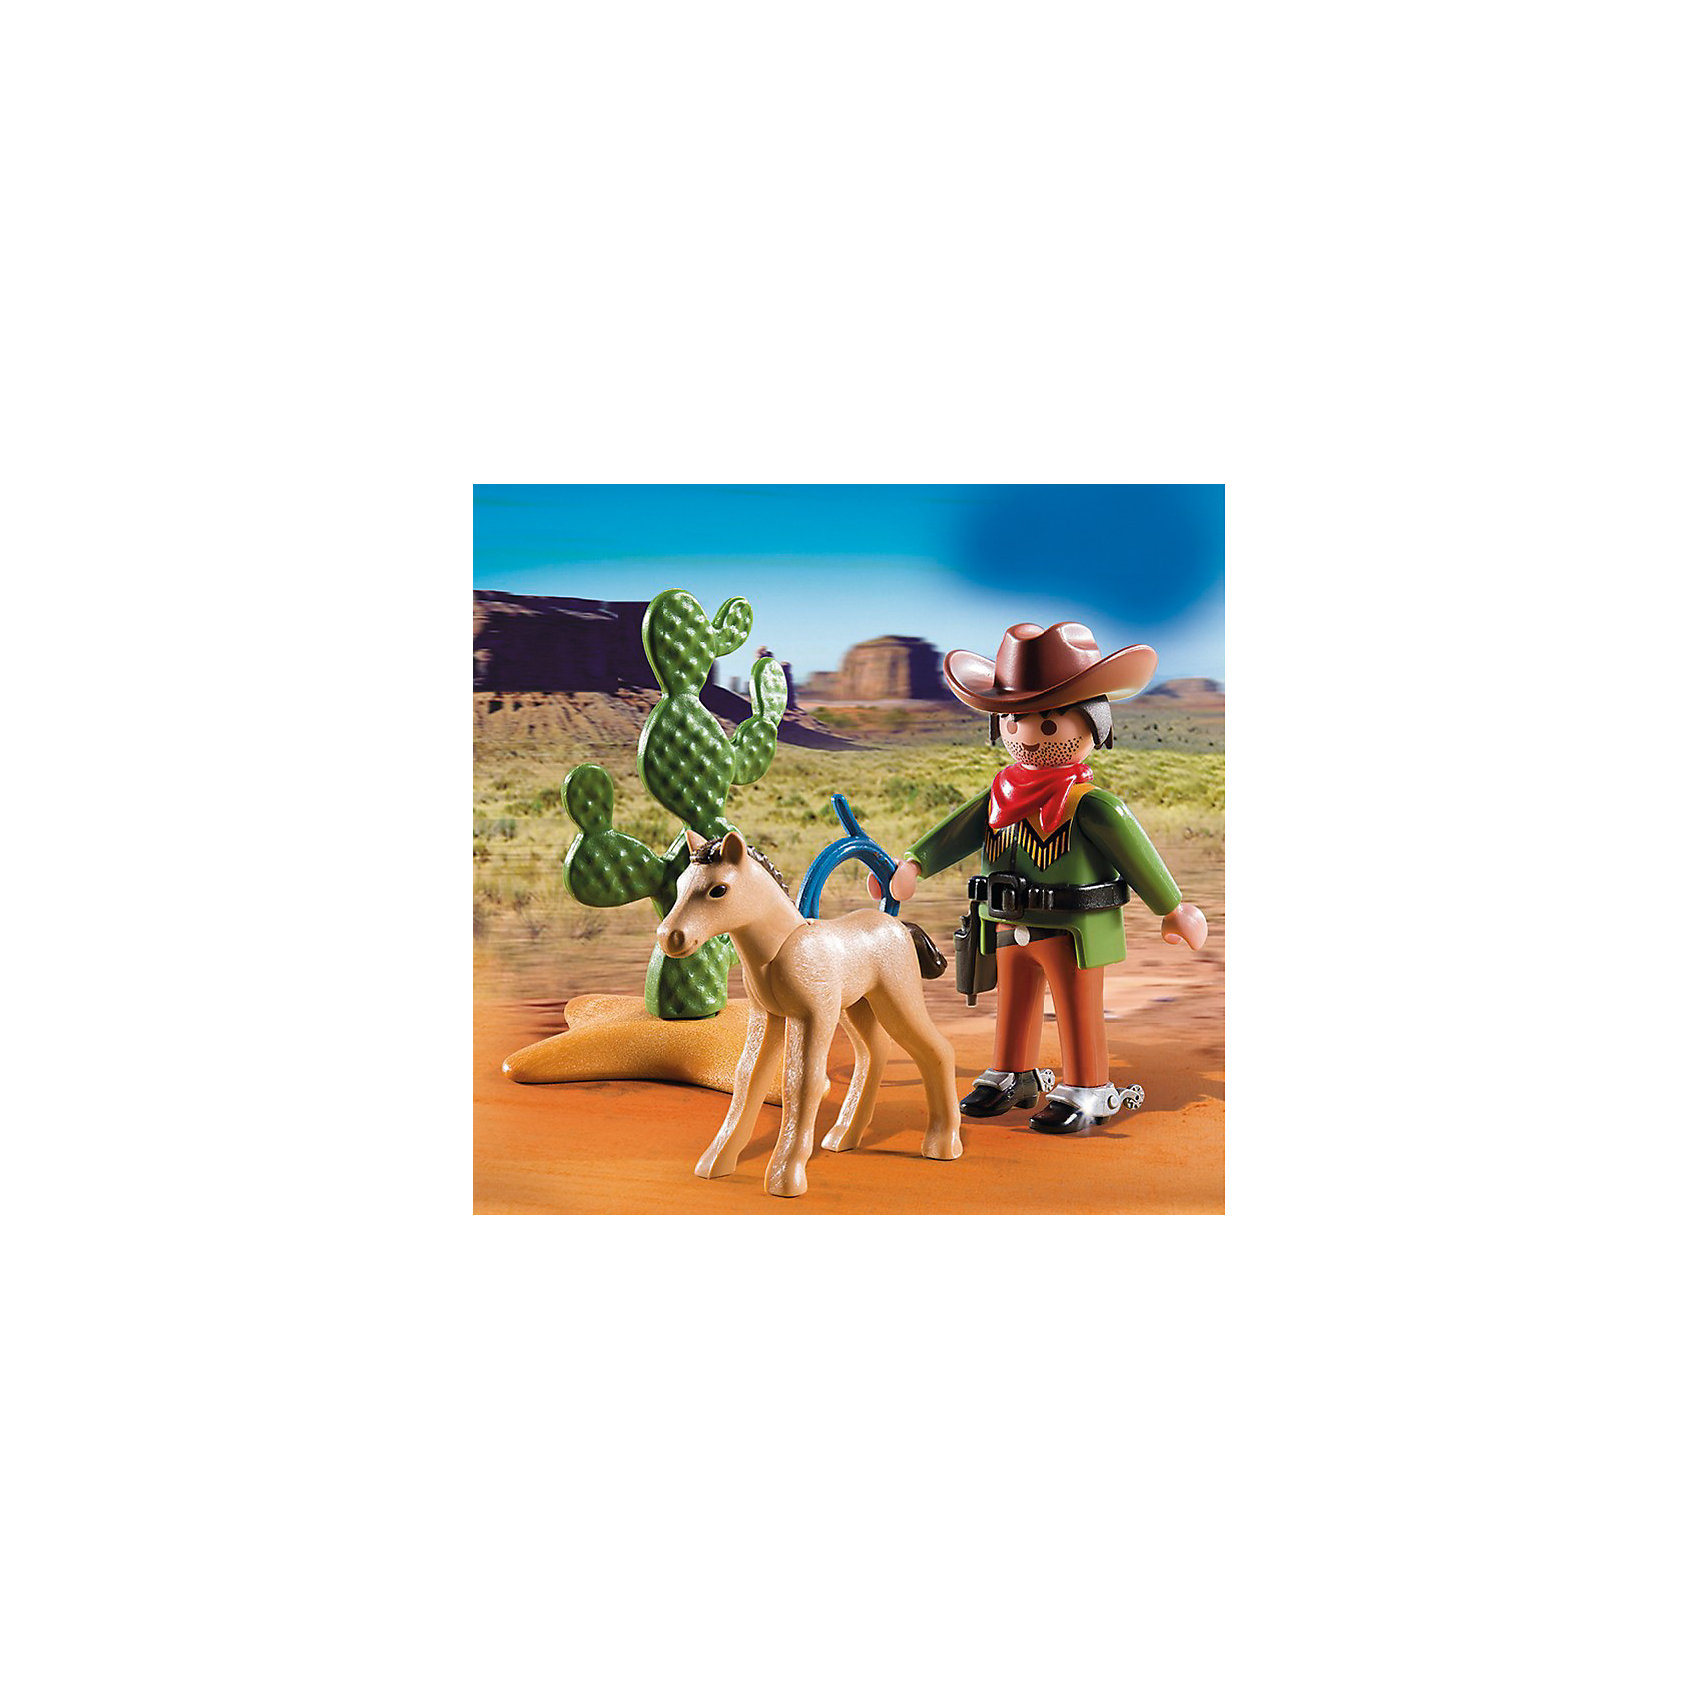 PLAYMOBIL® Экстра-набор: Ковбой с жеребенком, PLAYMOBIL playmobil® зоопарк стая фламинго playmobil